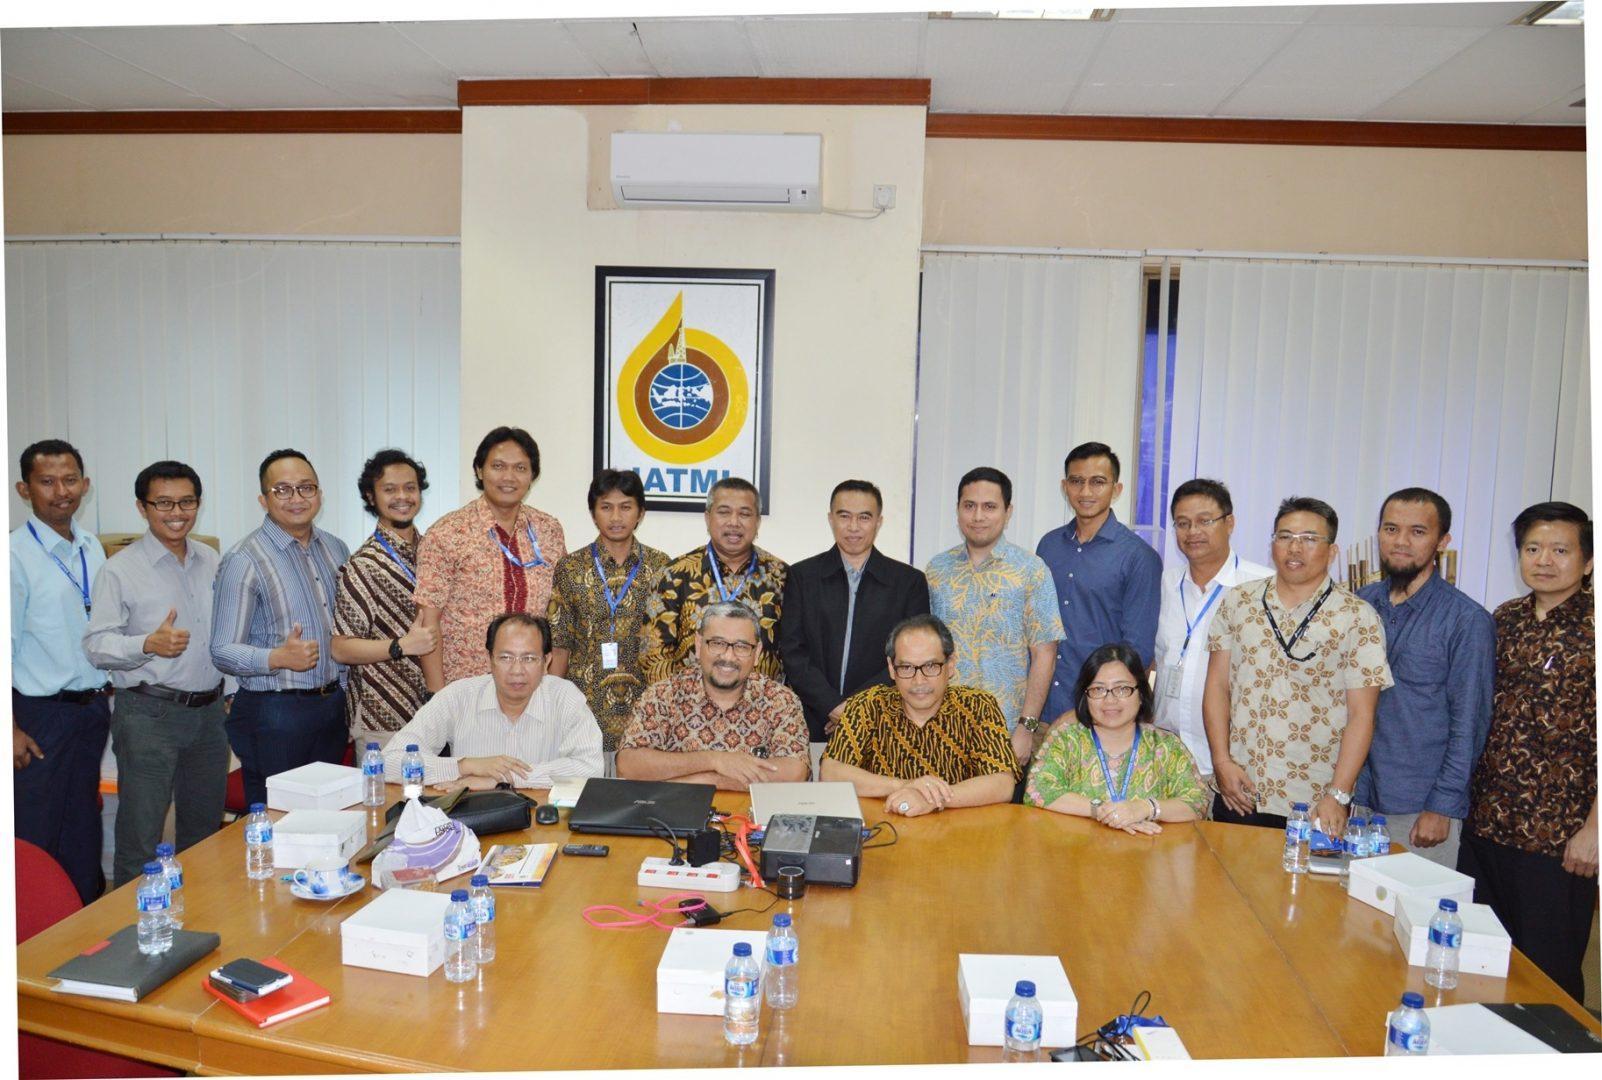 Rapat Pengurus IATMI 2016-2019